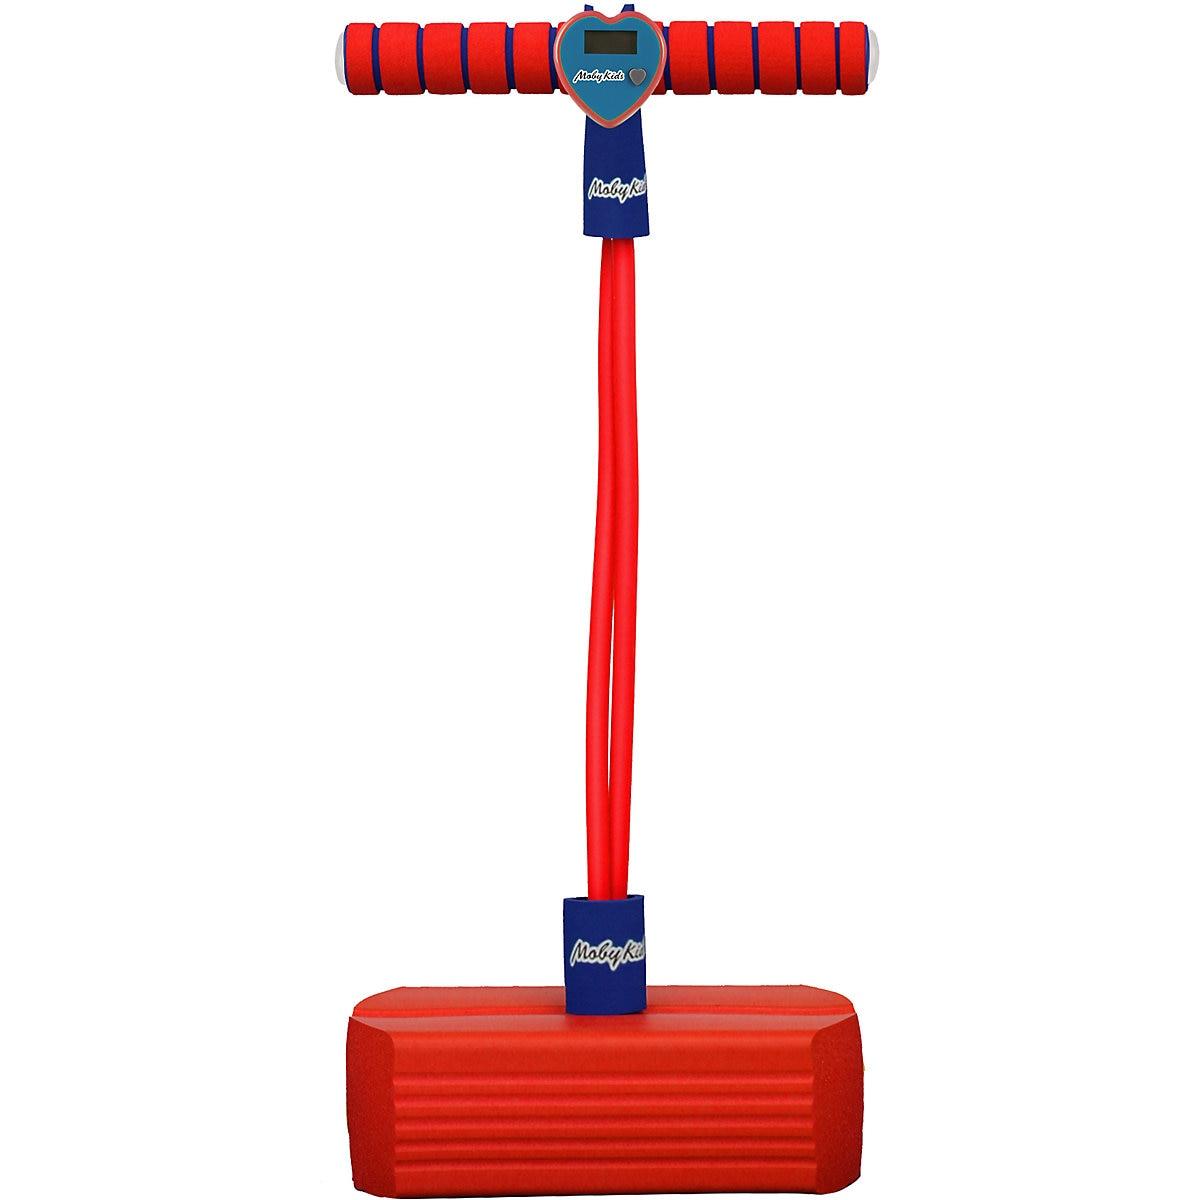 MOBY enfants bébé activité gymnastique 10263702 bambin jouets exercice machine pour sauter pour les filles et les garçons MTpromo